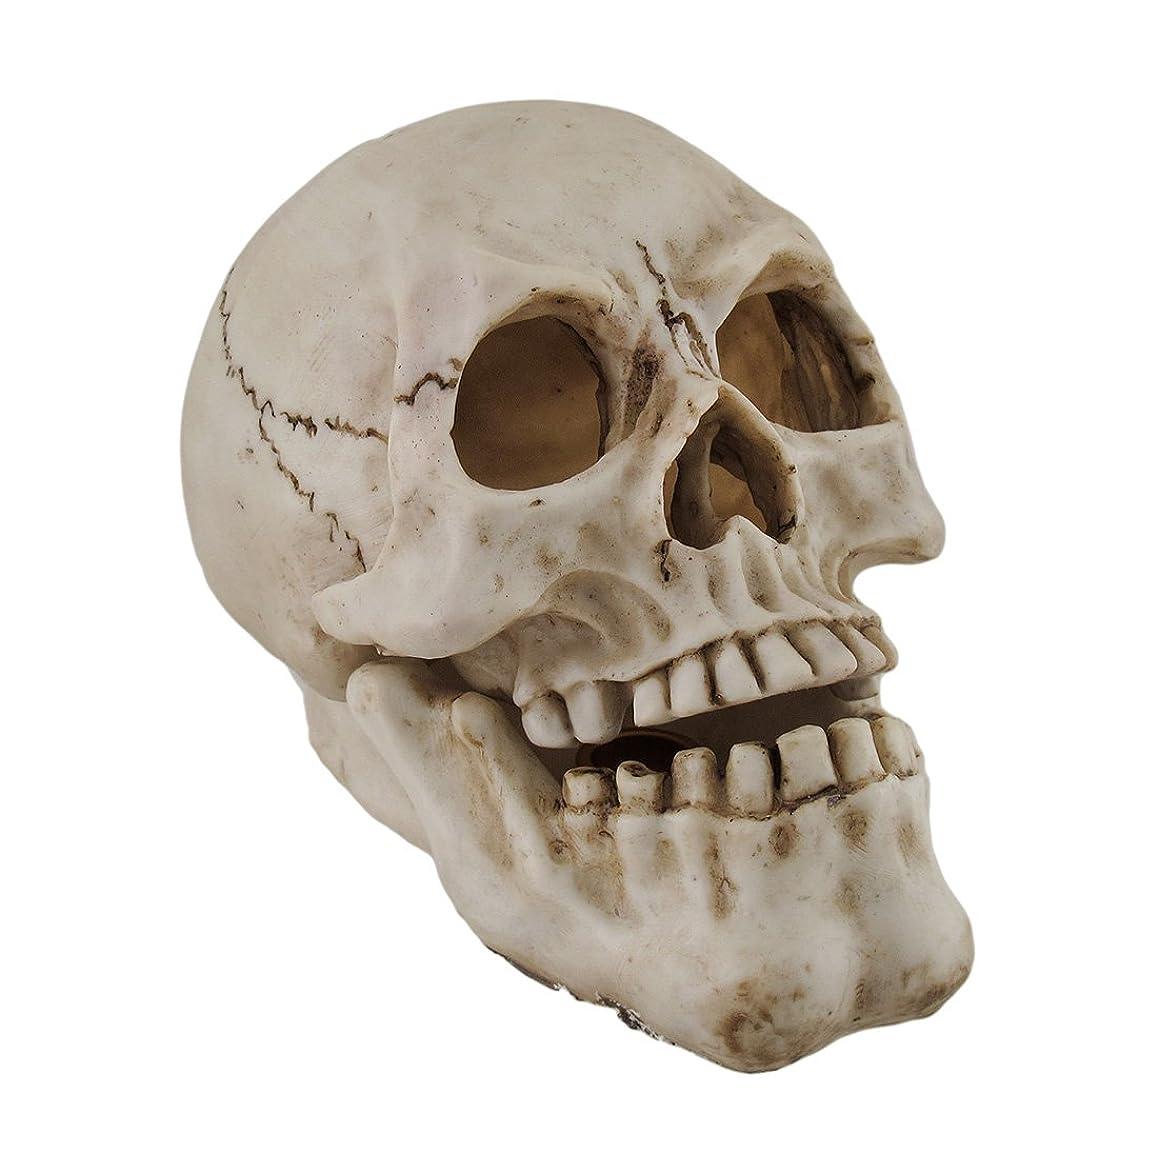 騙すラビリンスワット樹脂IncenseホルダーHuman Skull Shaped Incense Burnerボックス7.75?X 5.75?X 4.5インチホワイトモデル# pwh-63